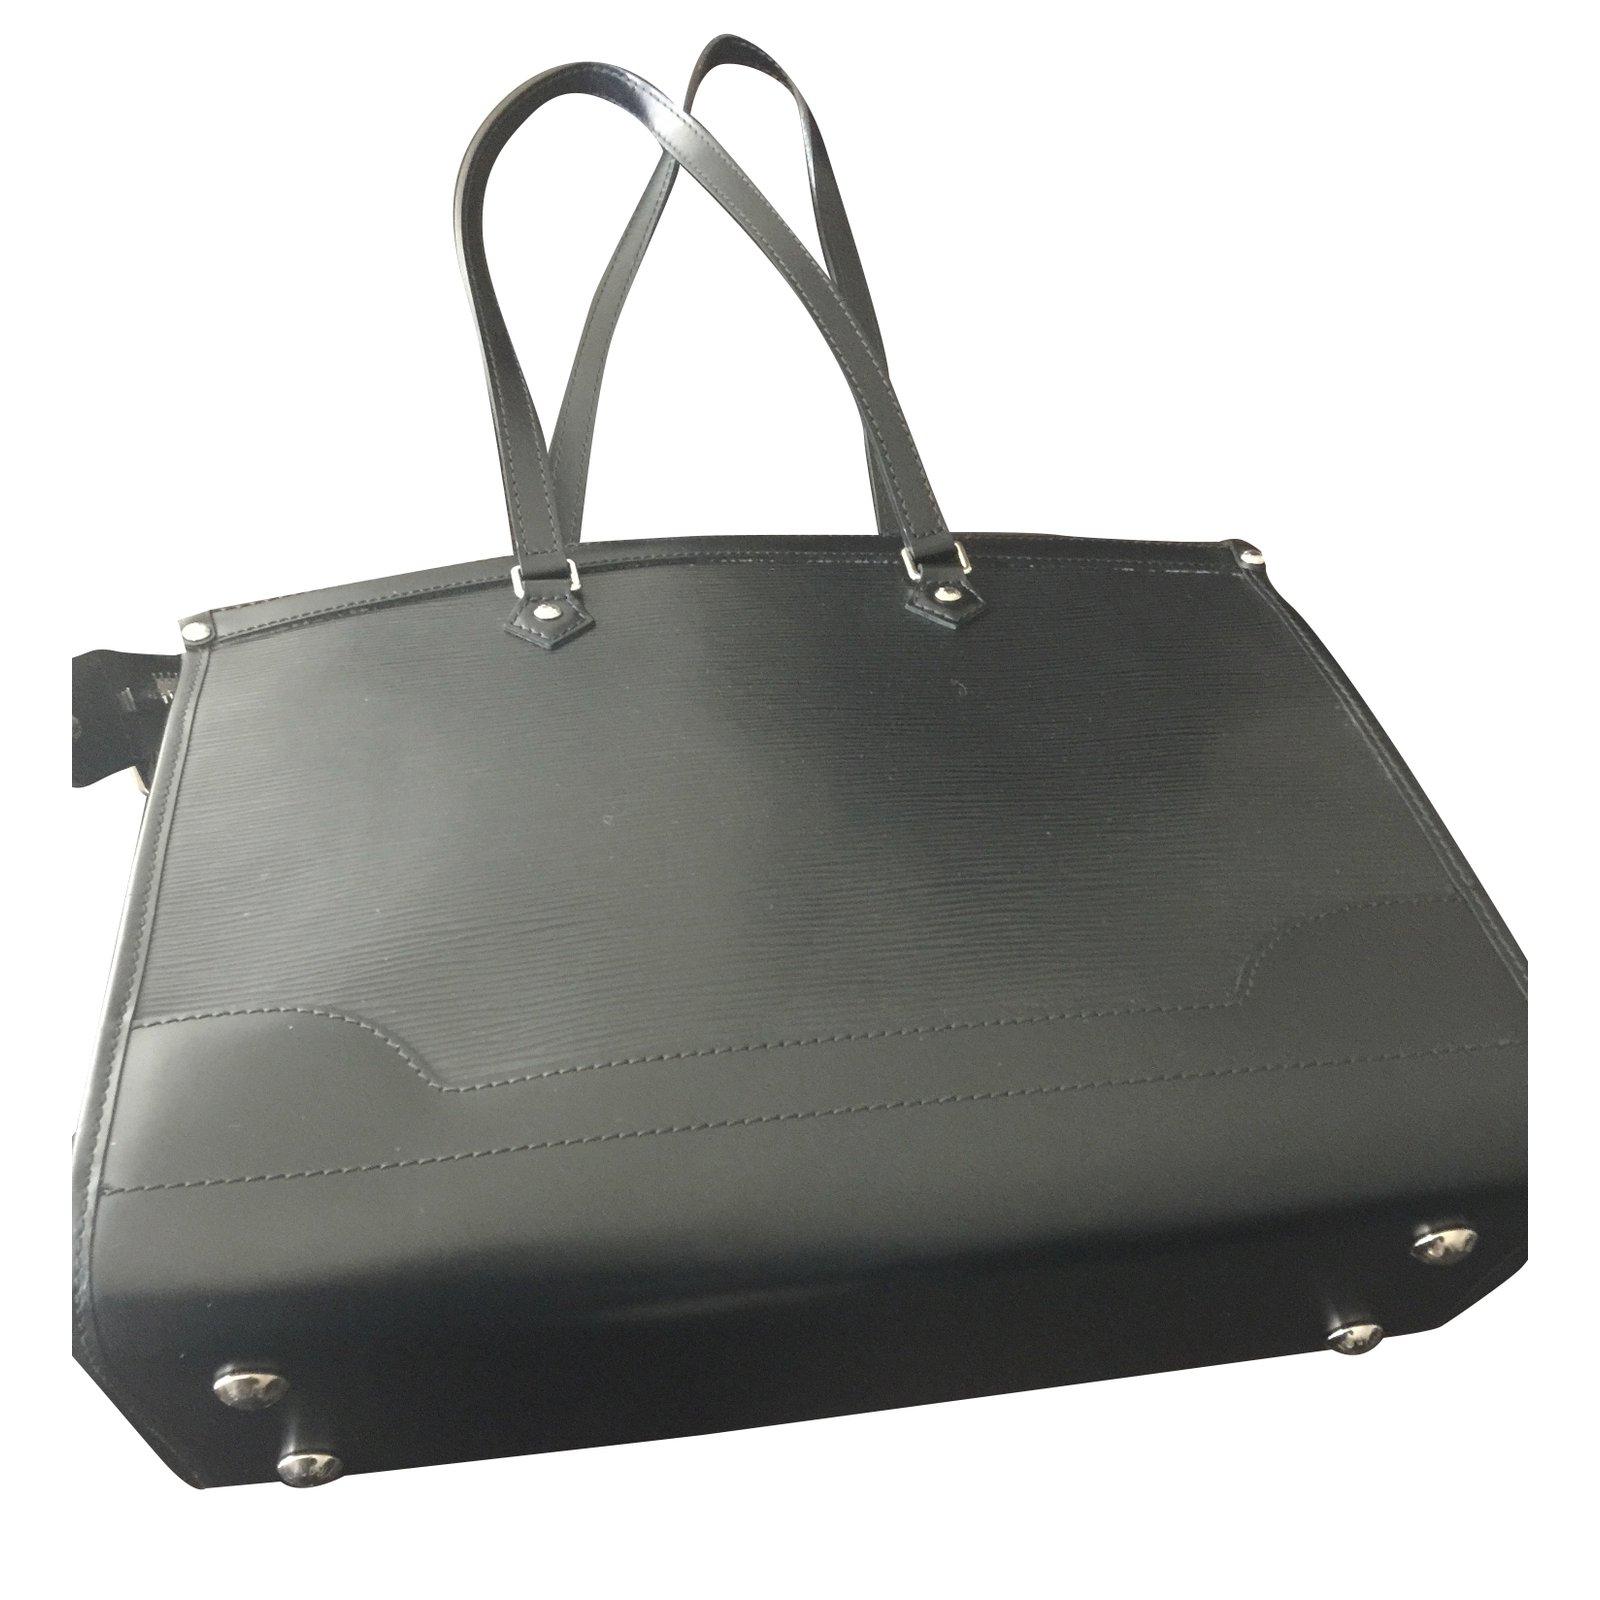 6e1a6b6623ec Louis Vuitton Epi leather bag Handbags Leather Black ref.30799 ...